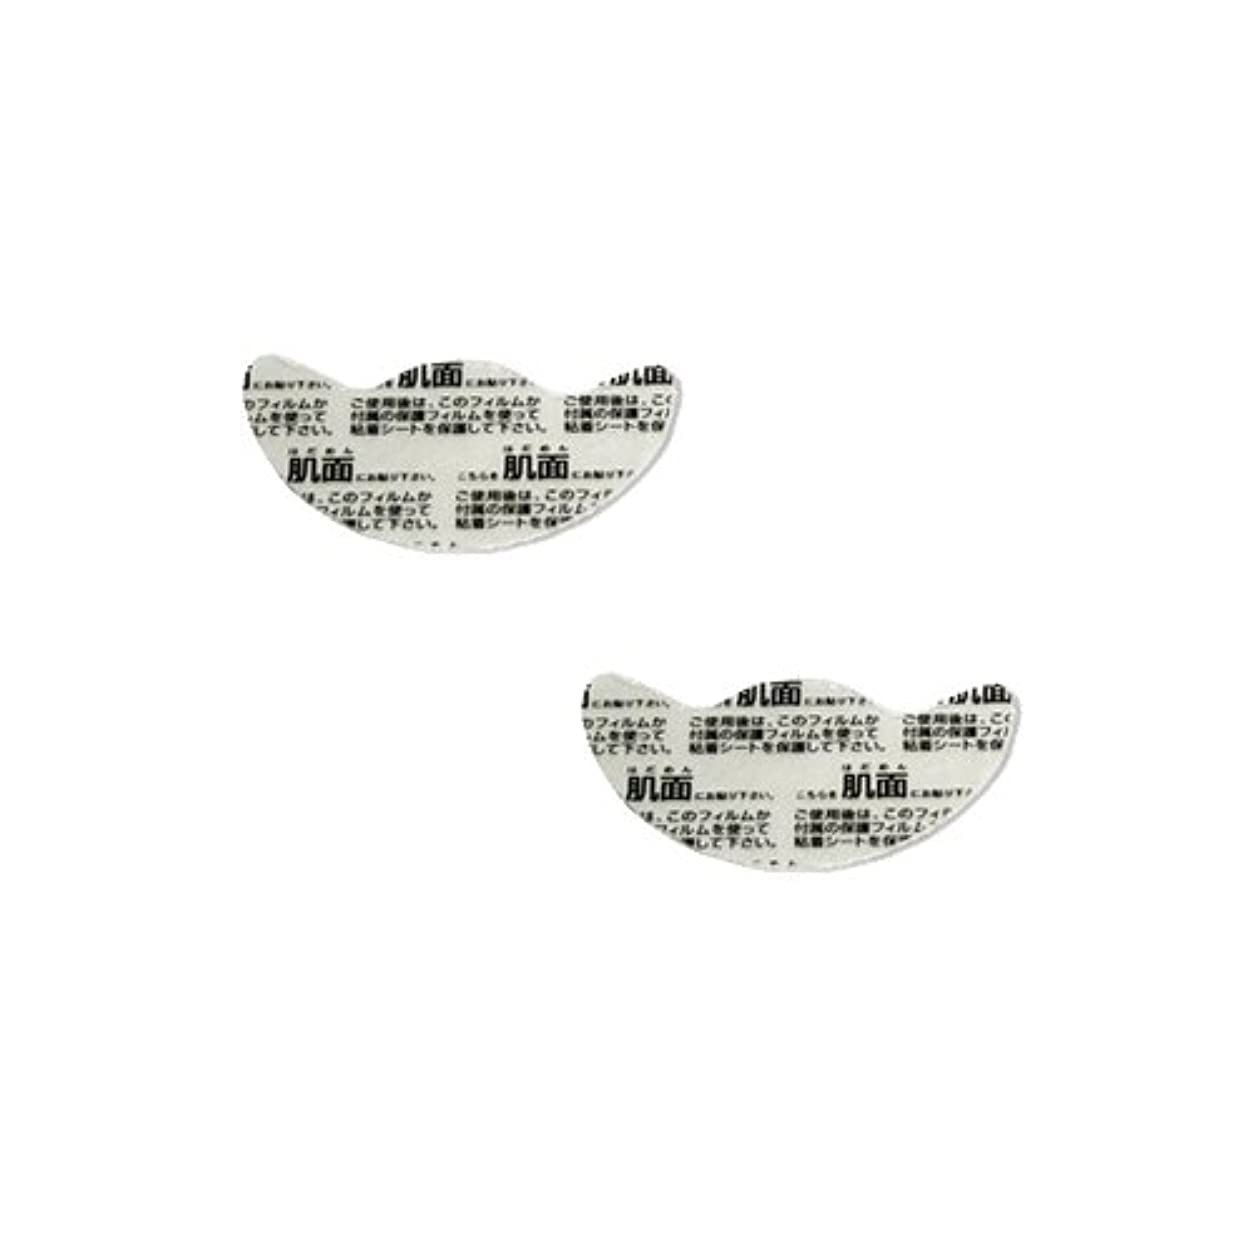 寮統計的ギャップナール超音波EMS美顔器 小顔ナール(Kogao NARL) 交換用粘着シート 2枚入(2枚×1組)